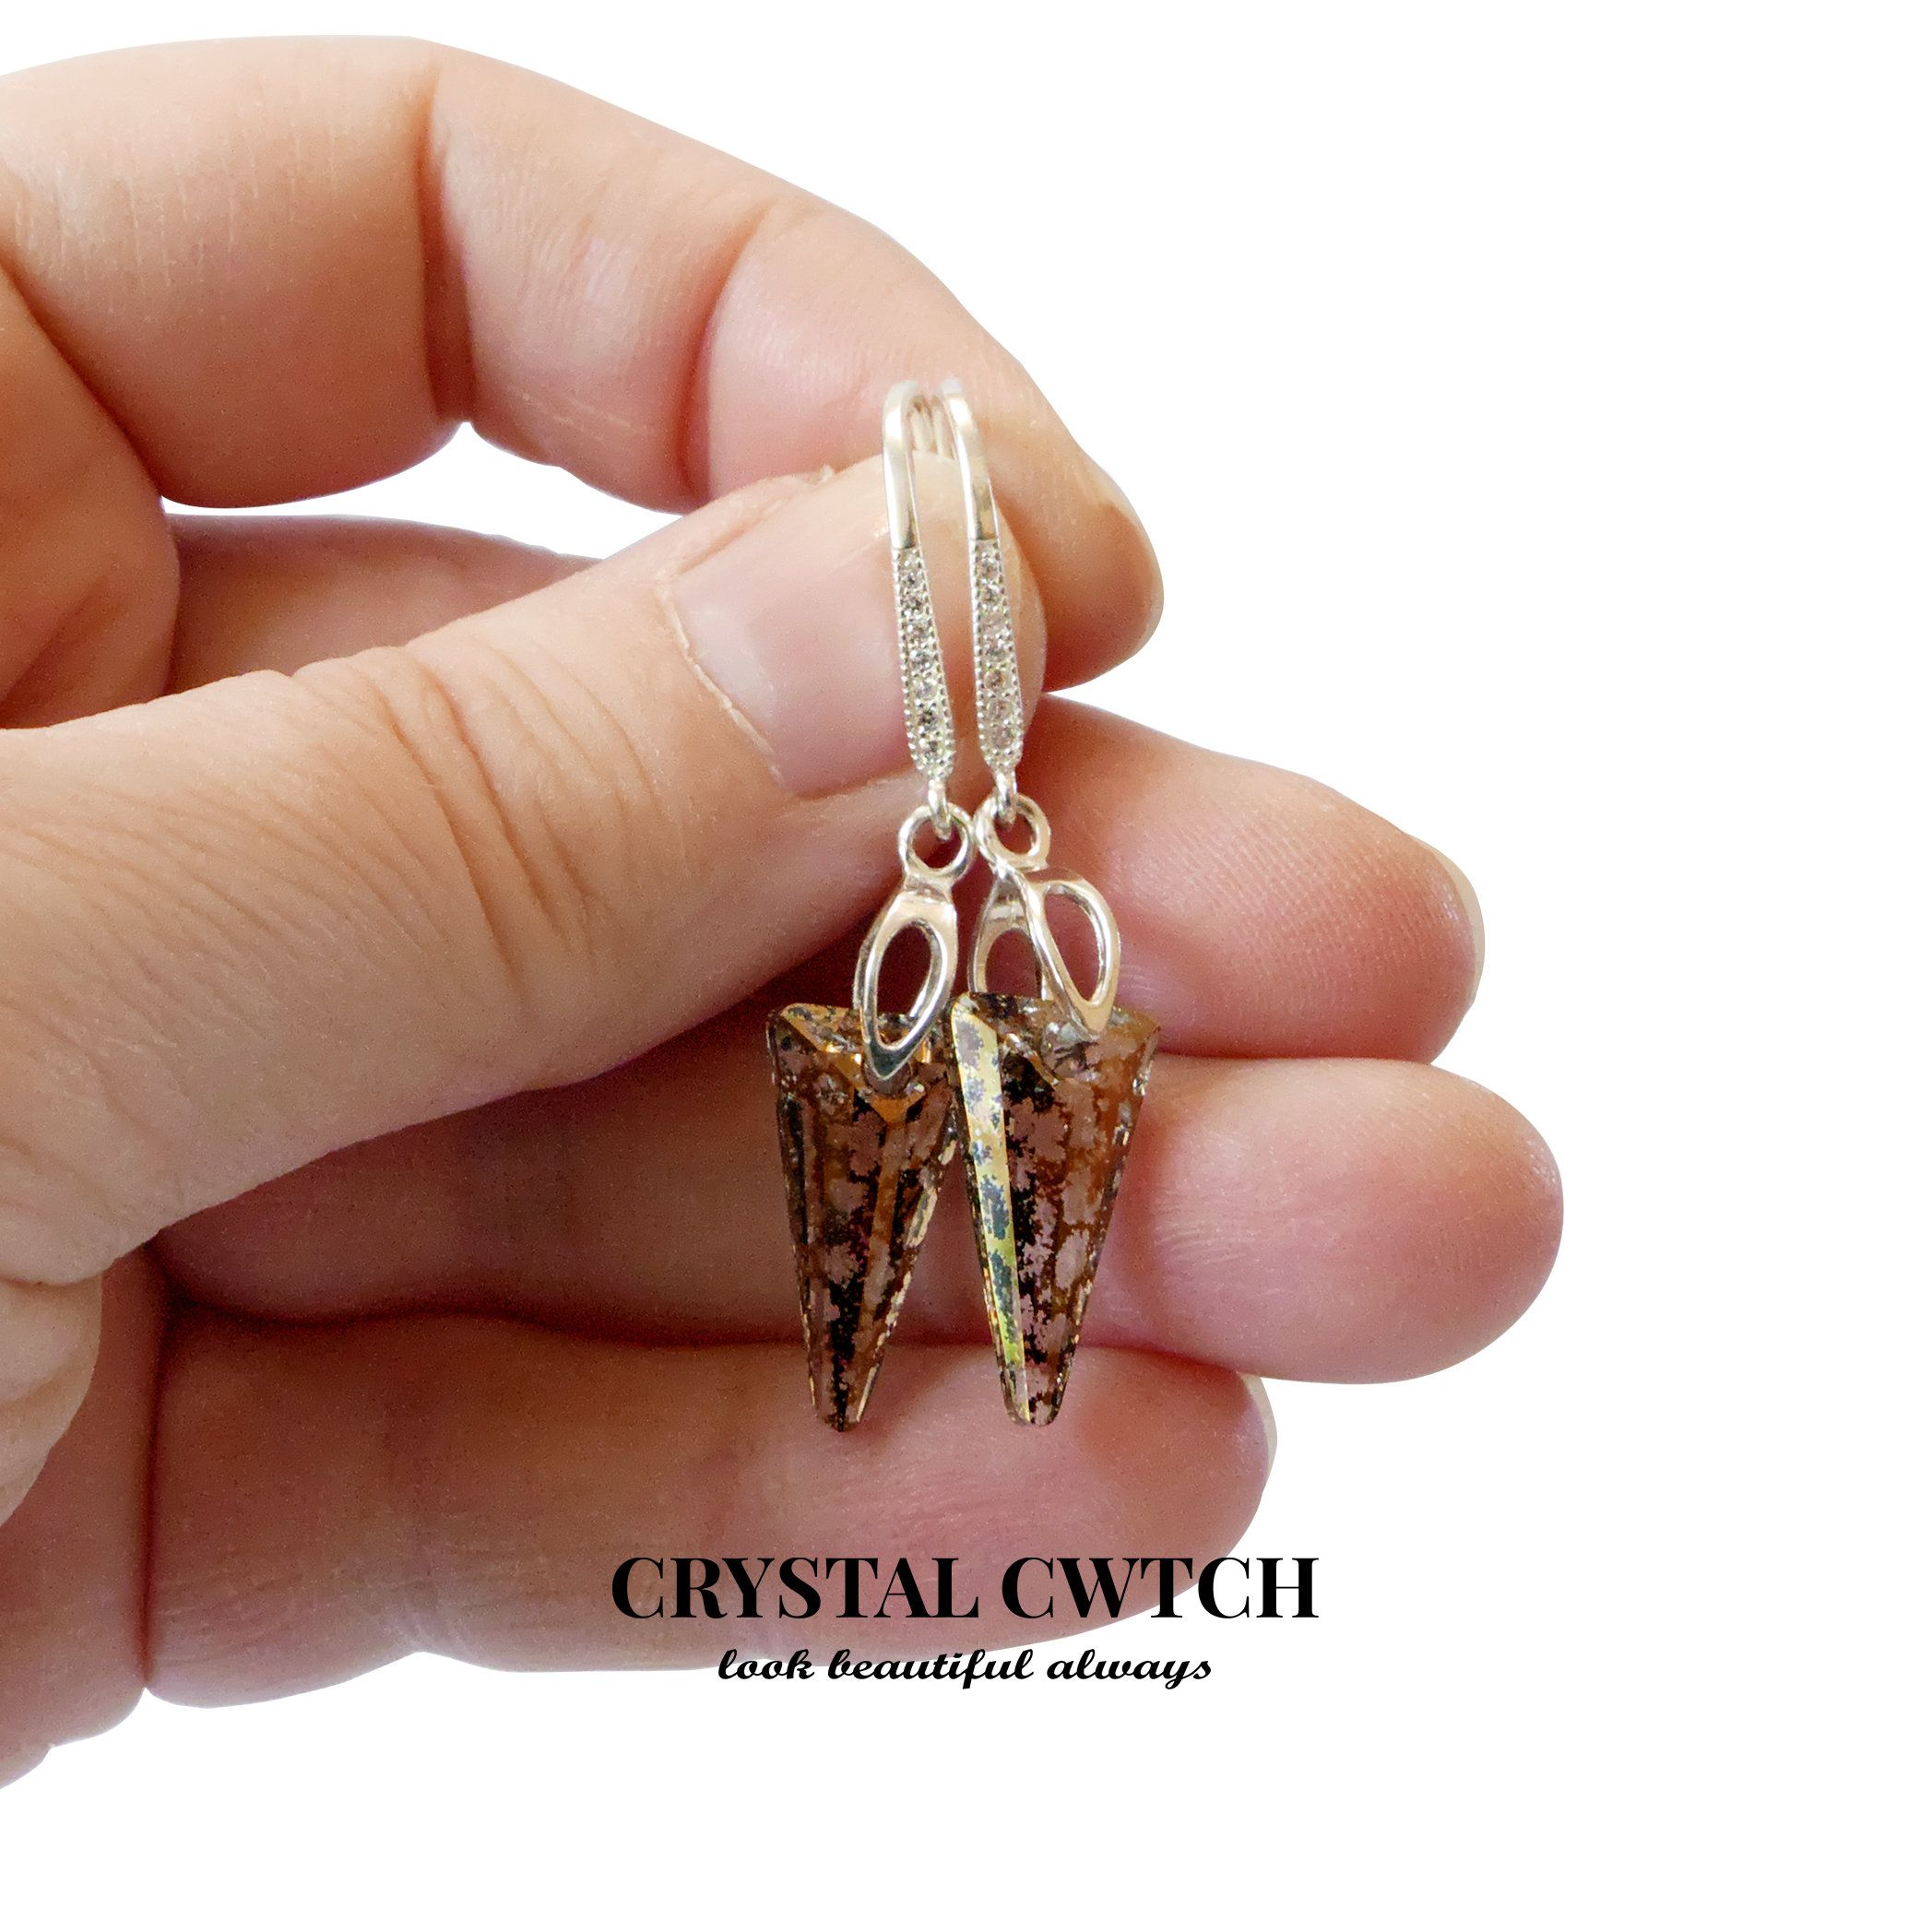 Swarovski Crystal Spike Earrings, 6480, Sterling Silver Earrings, Gold Patina Spike Earrings, French Hooks, Cubic Zirconia, Spike Crystal